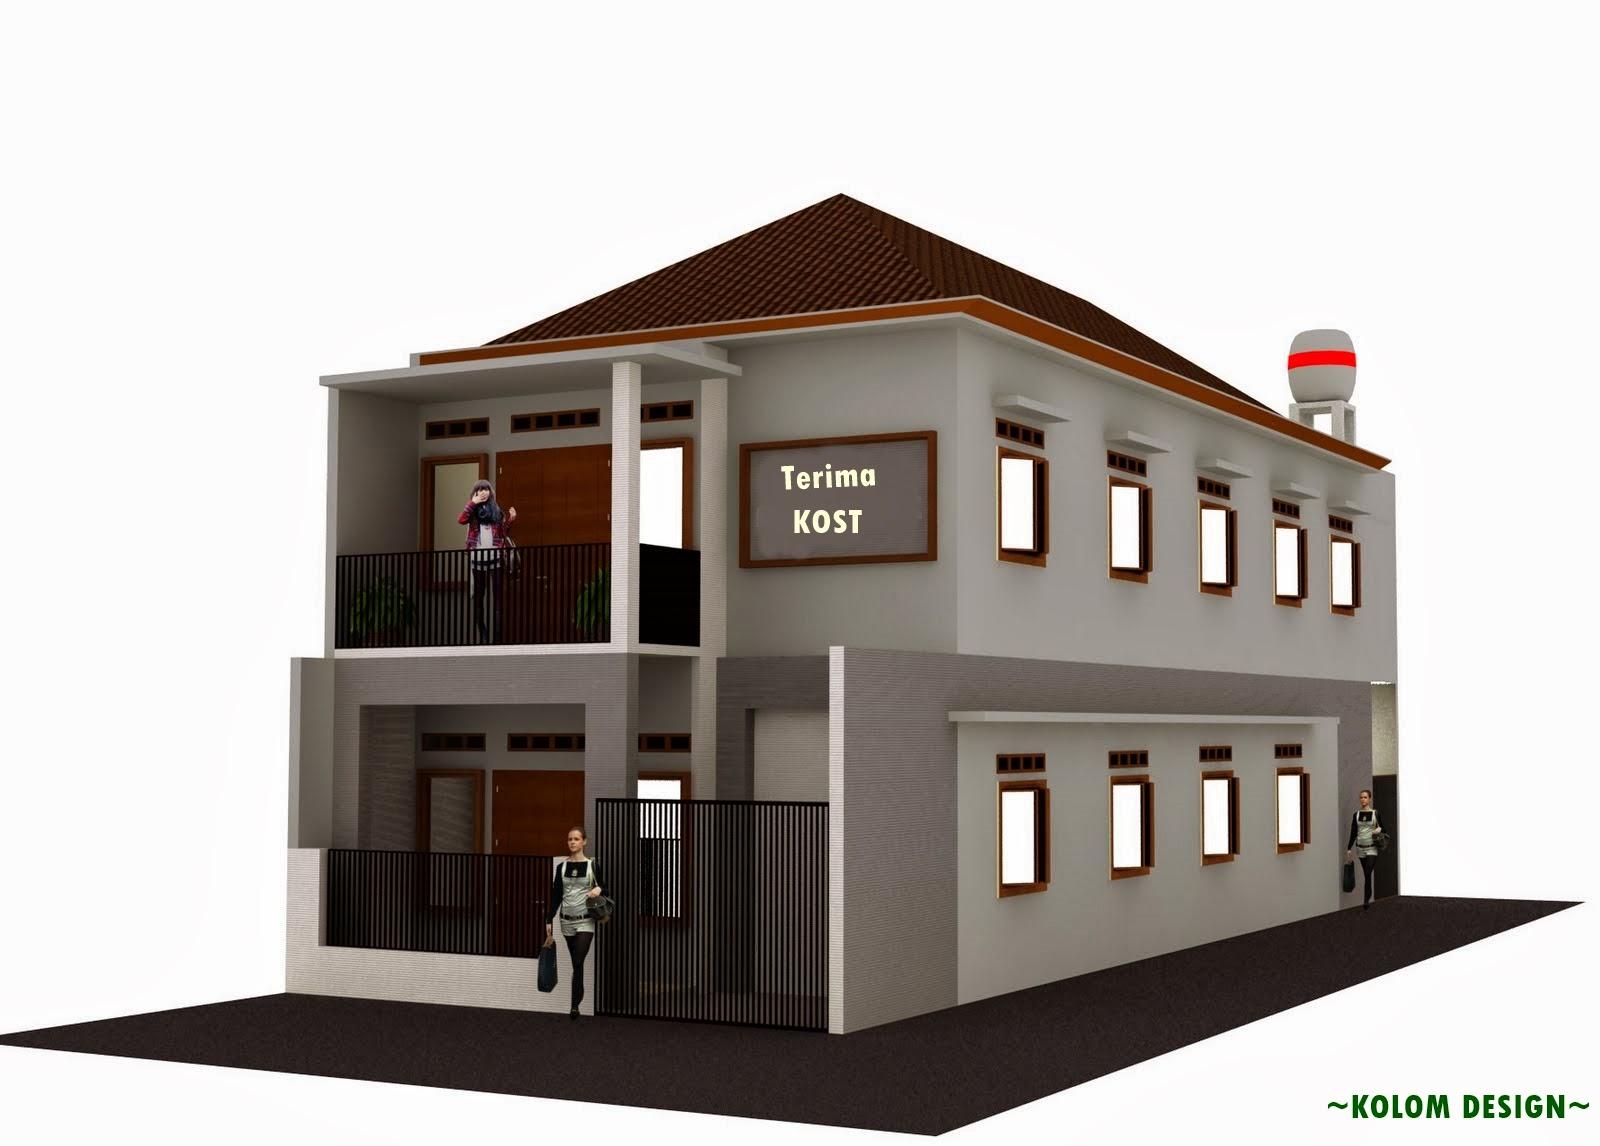 Desain Rumah Kost - Kolom Desain - Gambar Desain Rumah Minimalis